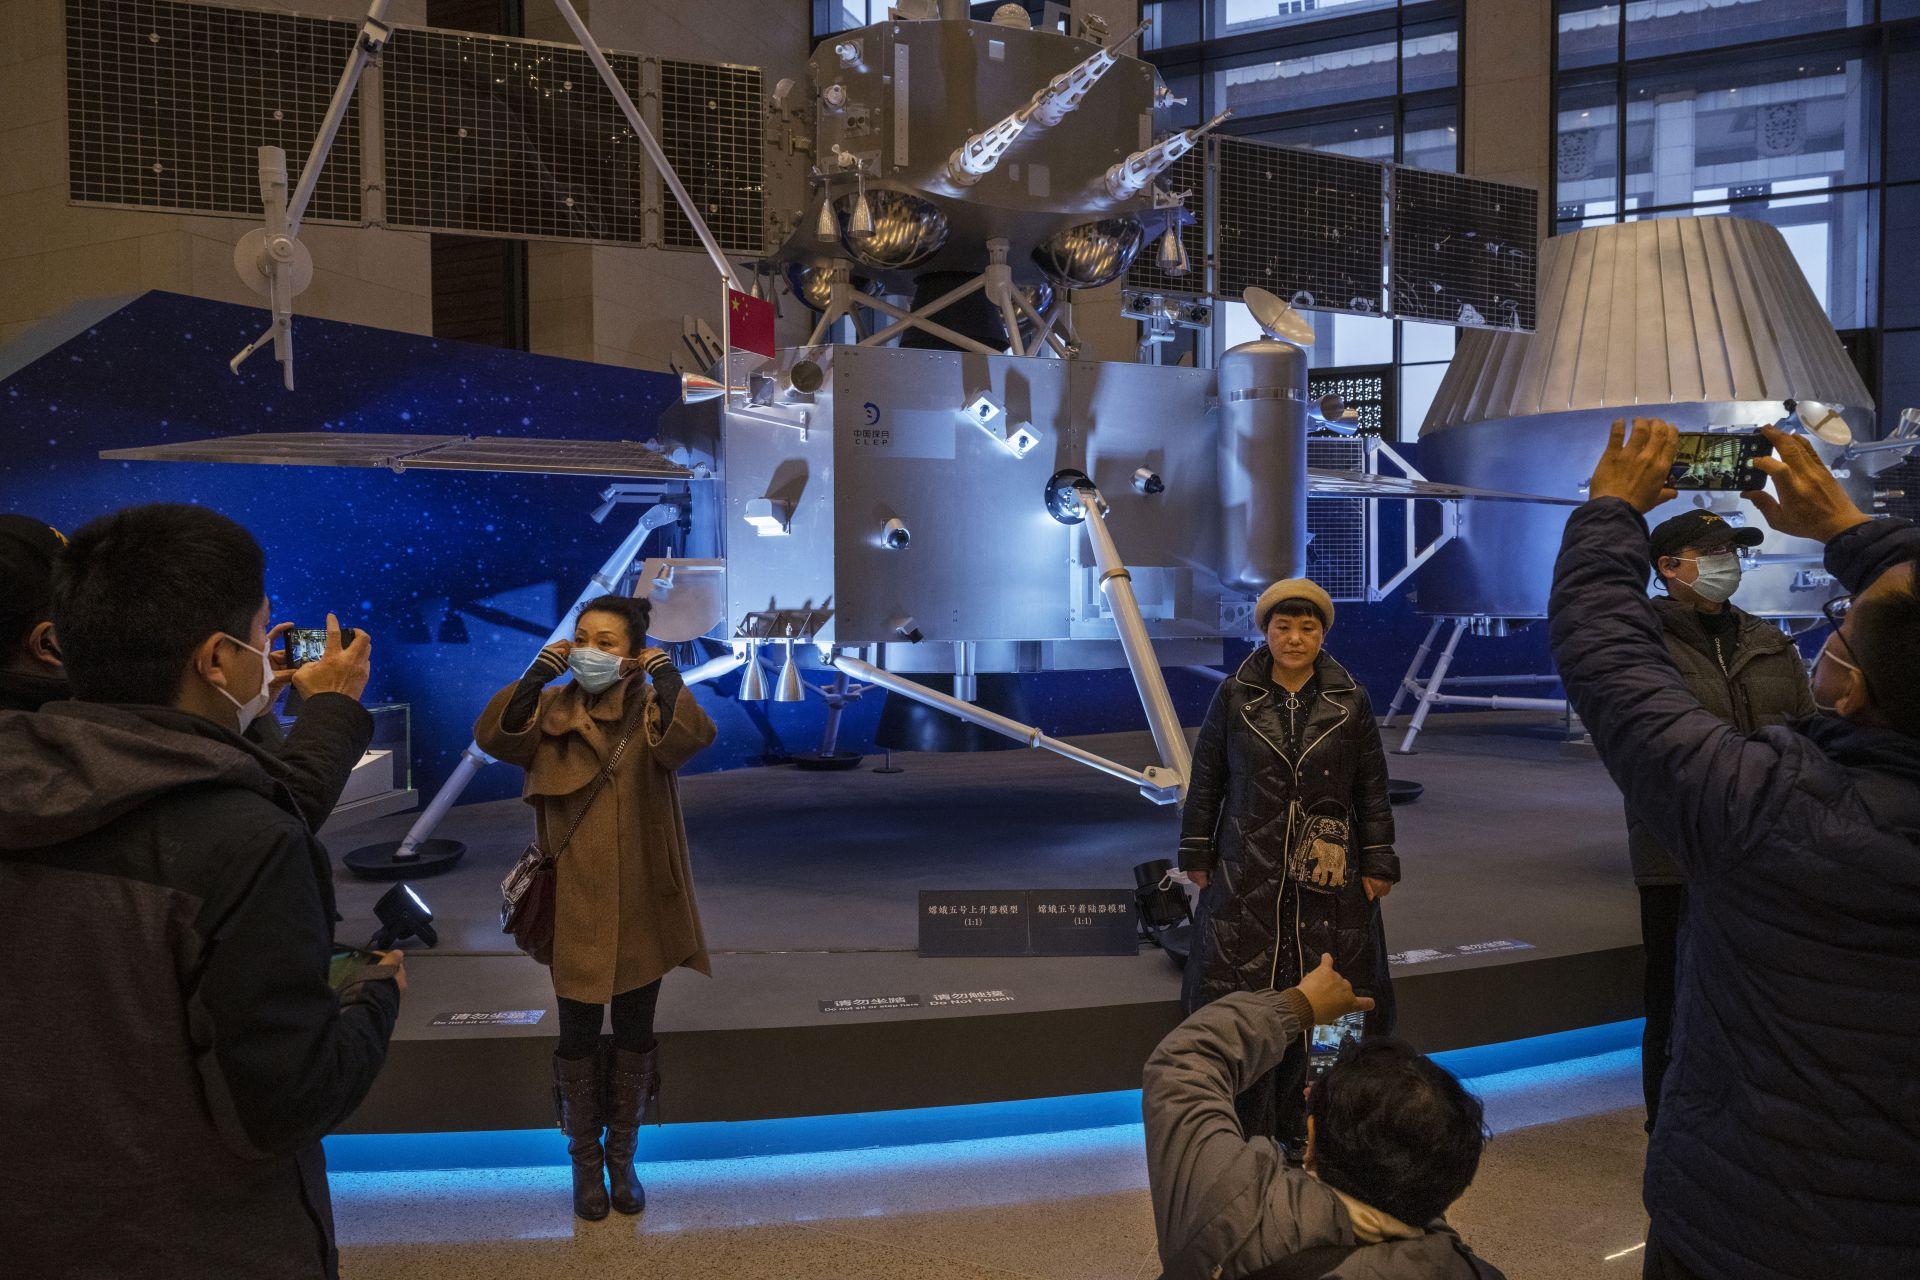 Посетители в Националния музей в Пекин разглеждат оборудването на китайската космическа програма. Благодарение на мисията на Китай на Луната, 40 години след кацането на САЩ, учените могат да изследват нови лунни скални проби. Китай влива милиарди в своята космическа програма, която има за цел да изпрати астронавти на Луната до 2030 г. (Photo by Kevin Frayer/Getty Images)